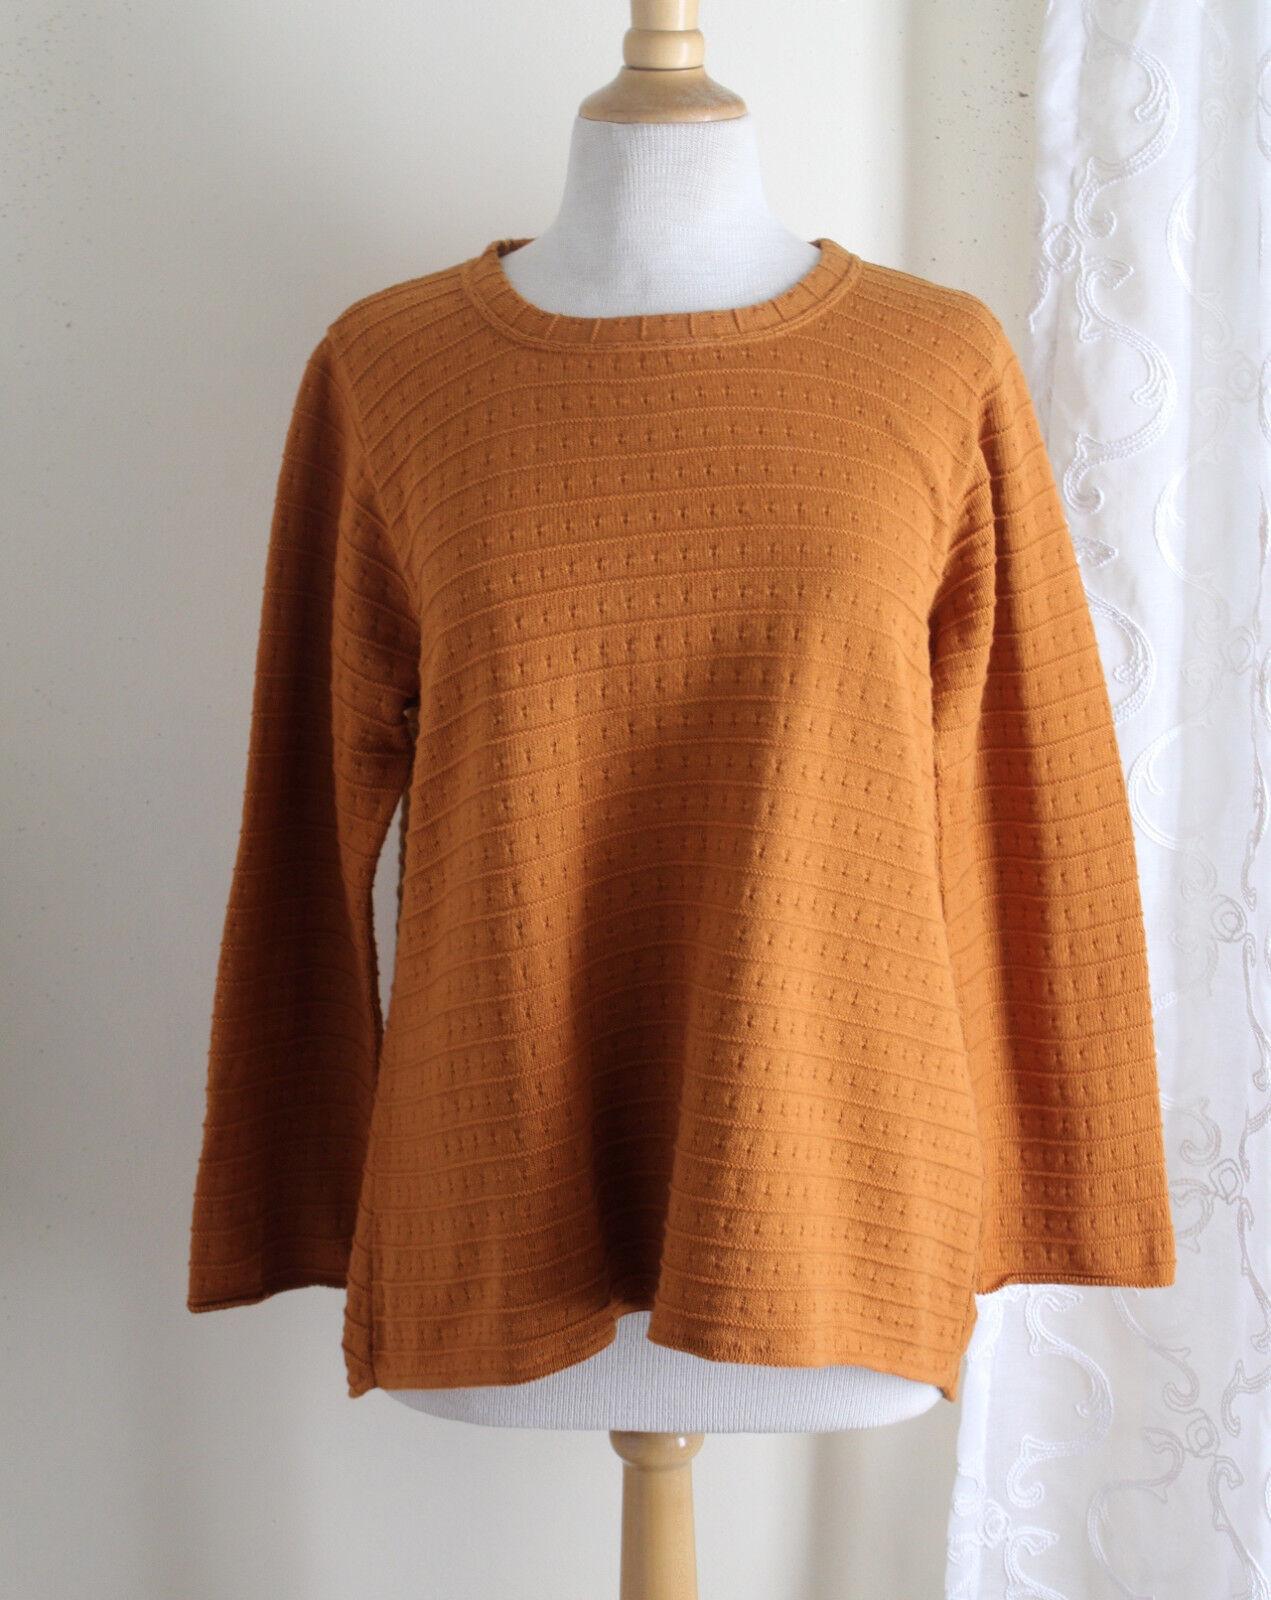 Low Brand - Topwear-Sweatshirts - Mann - Schwarz 4326618B184523 - 4326618B184523 Schwarz 79a6e1